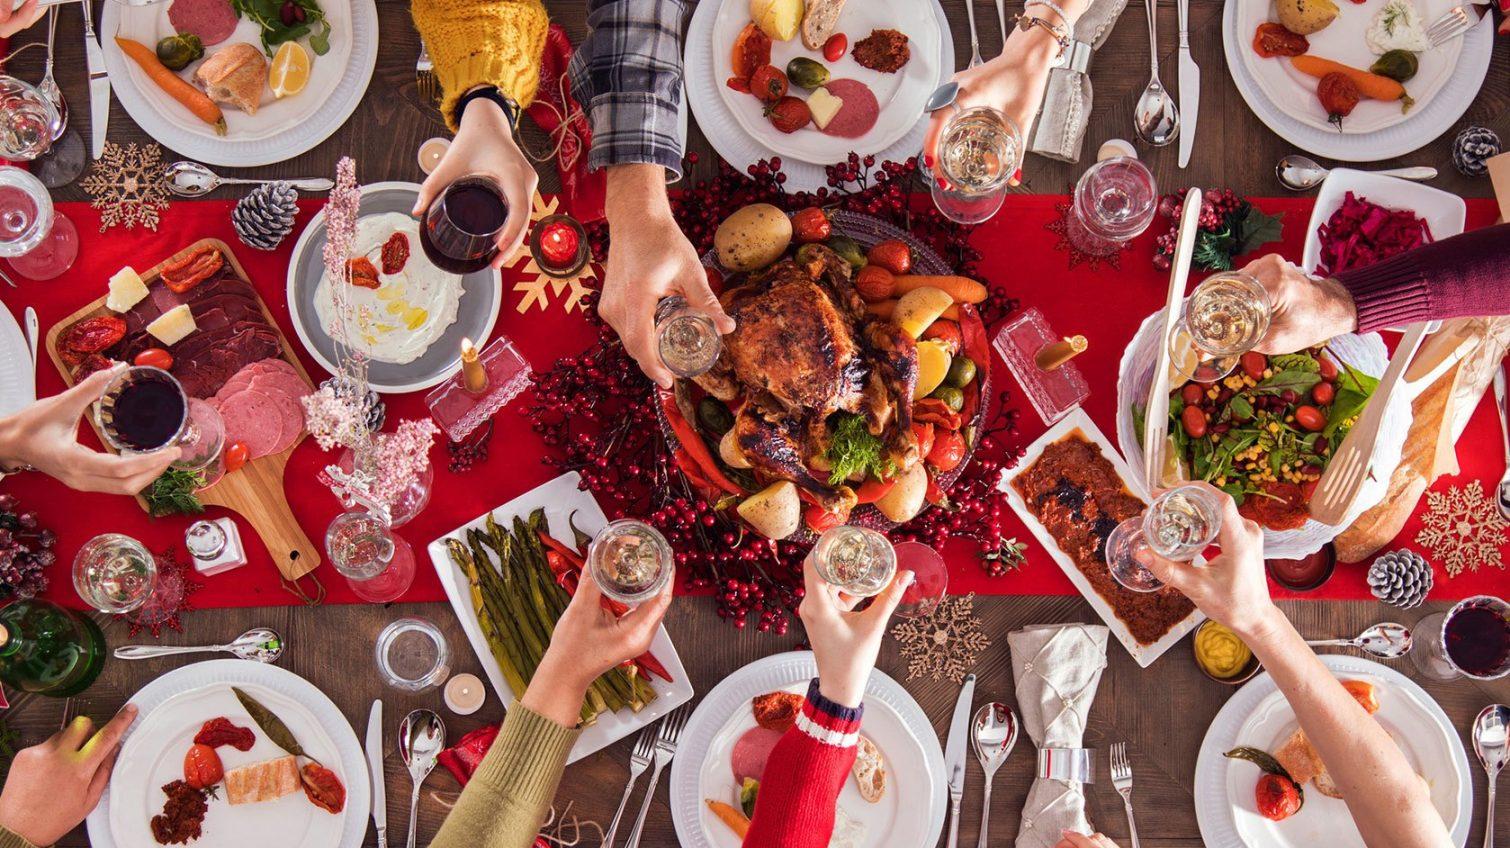 Как не переедать в новогодние праздники: рекомендации эксперта «фото»